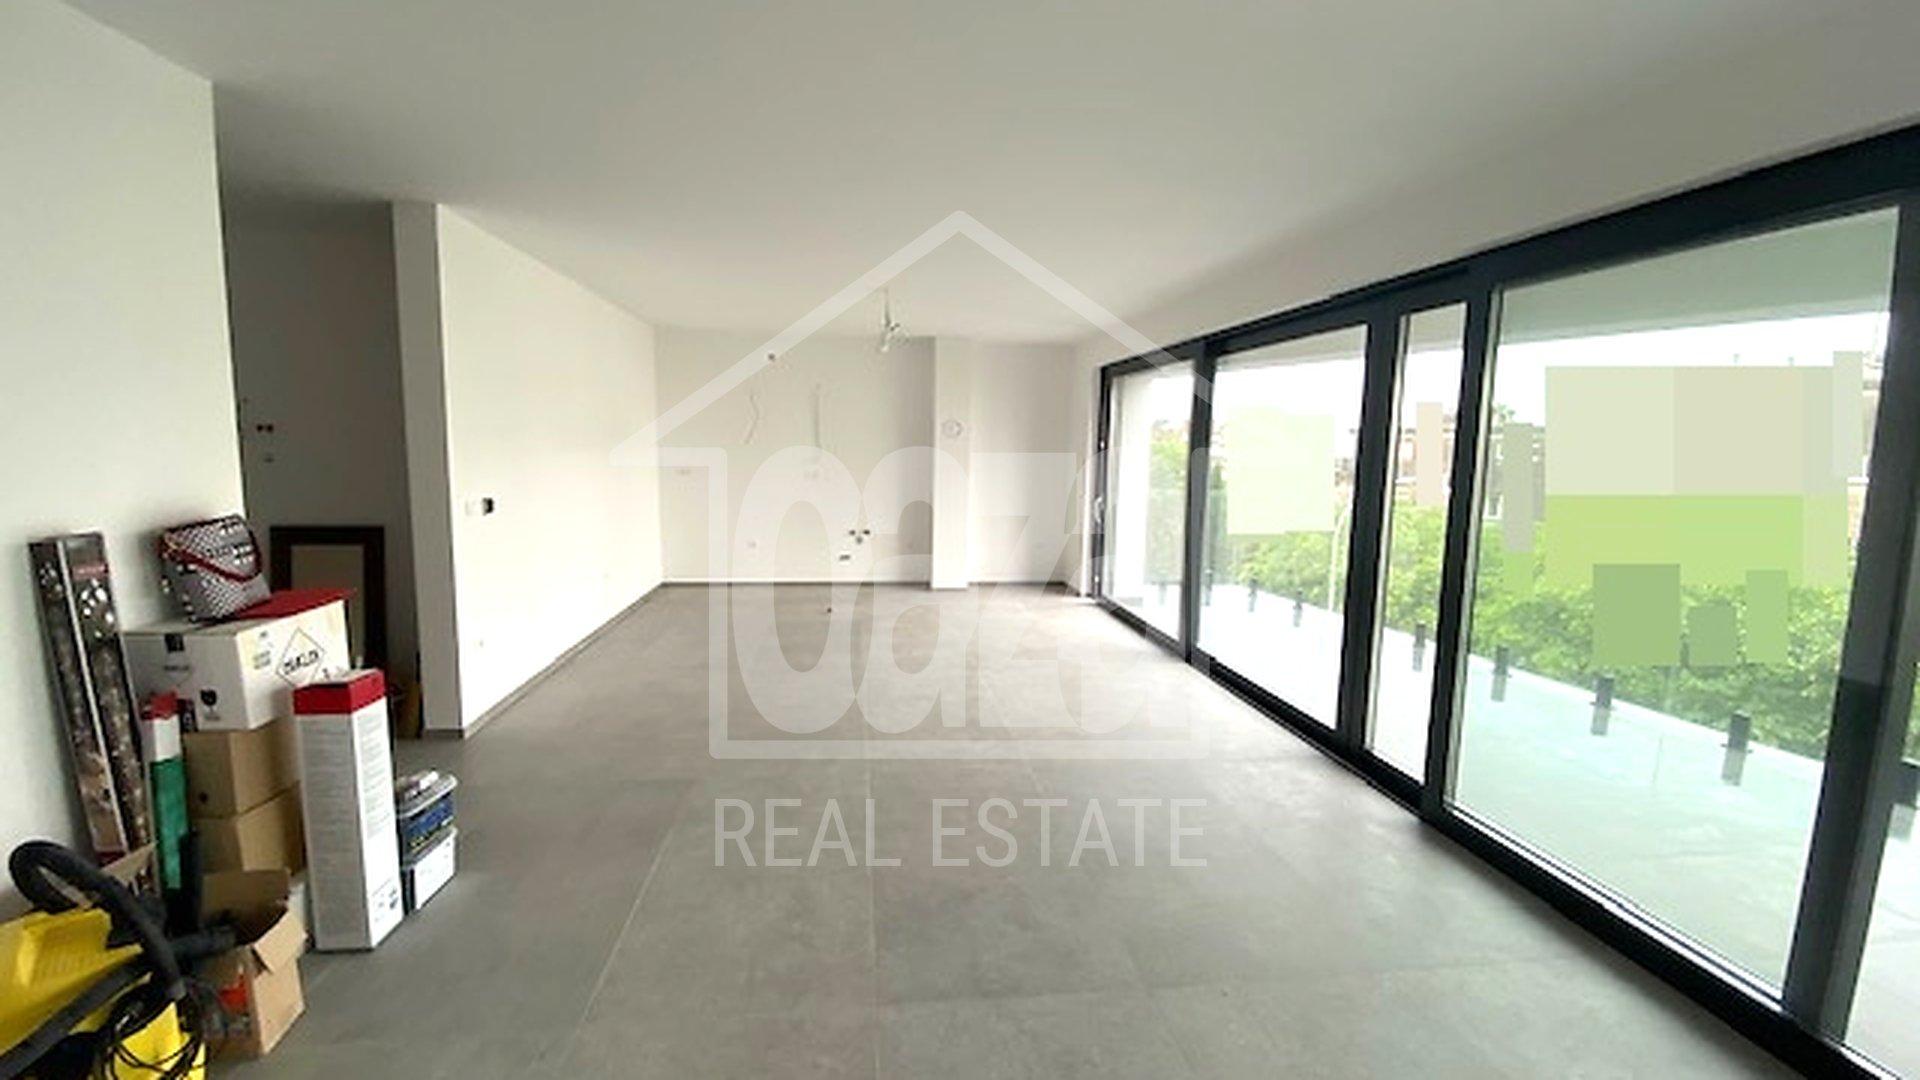 Appartamento, 111 m2, Vendita, Rijeka - Donja Vežica